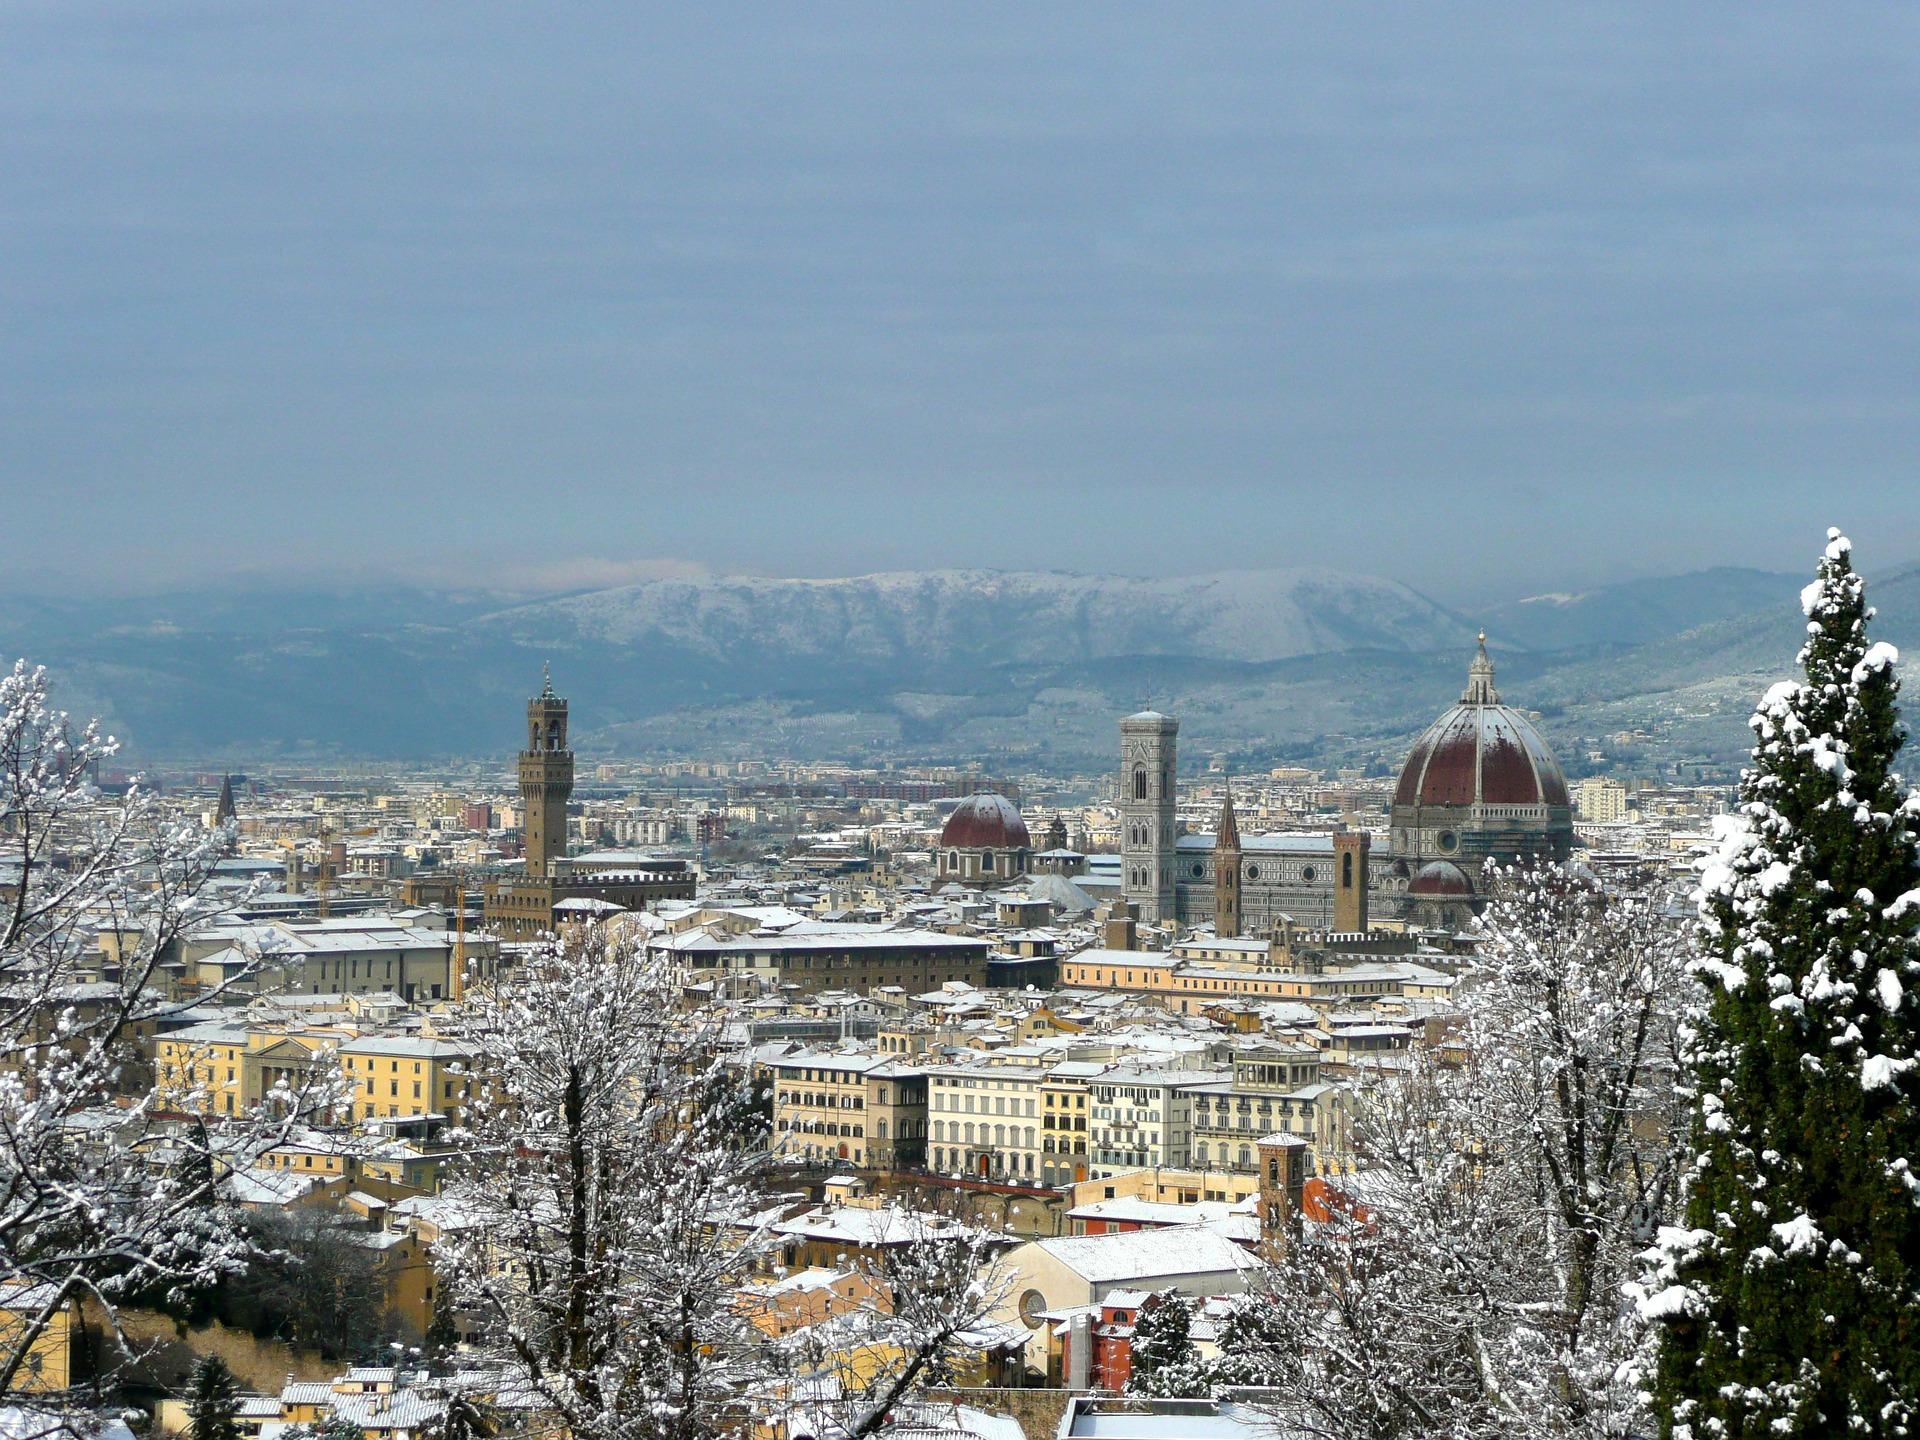 Mercatini di Natale a Firenze 2019